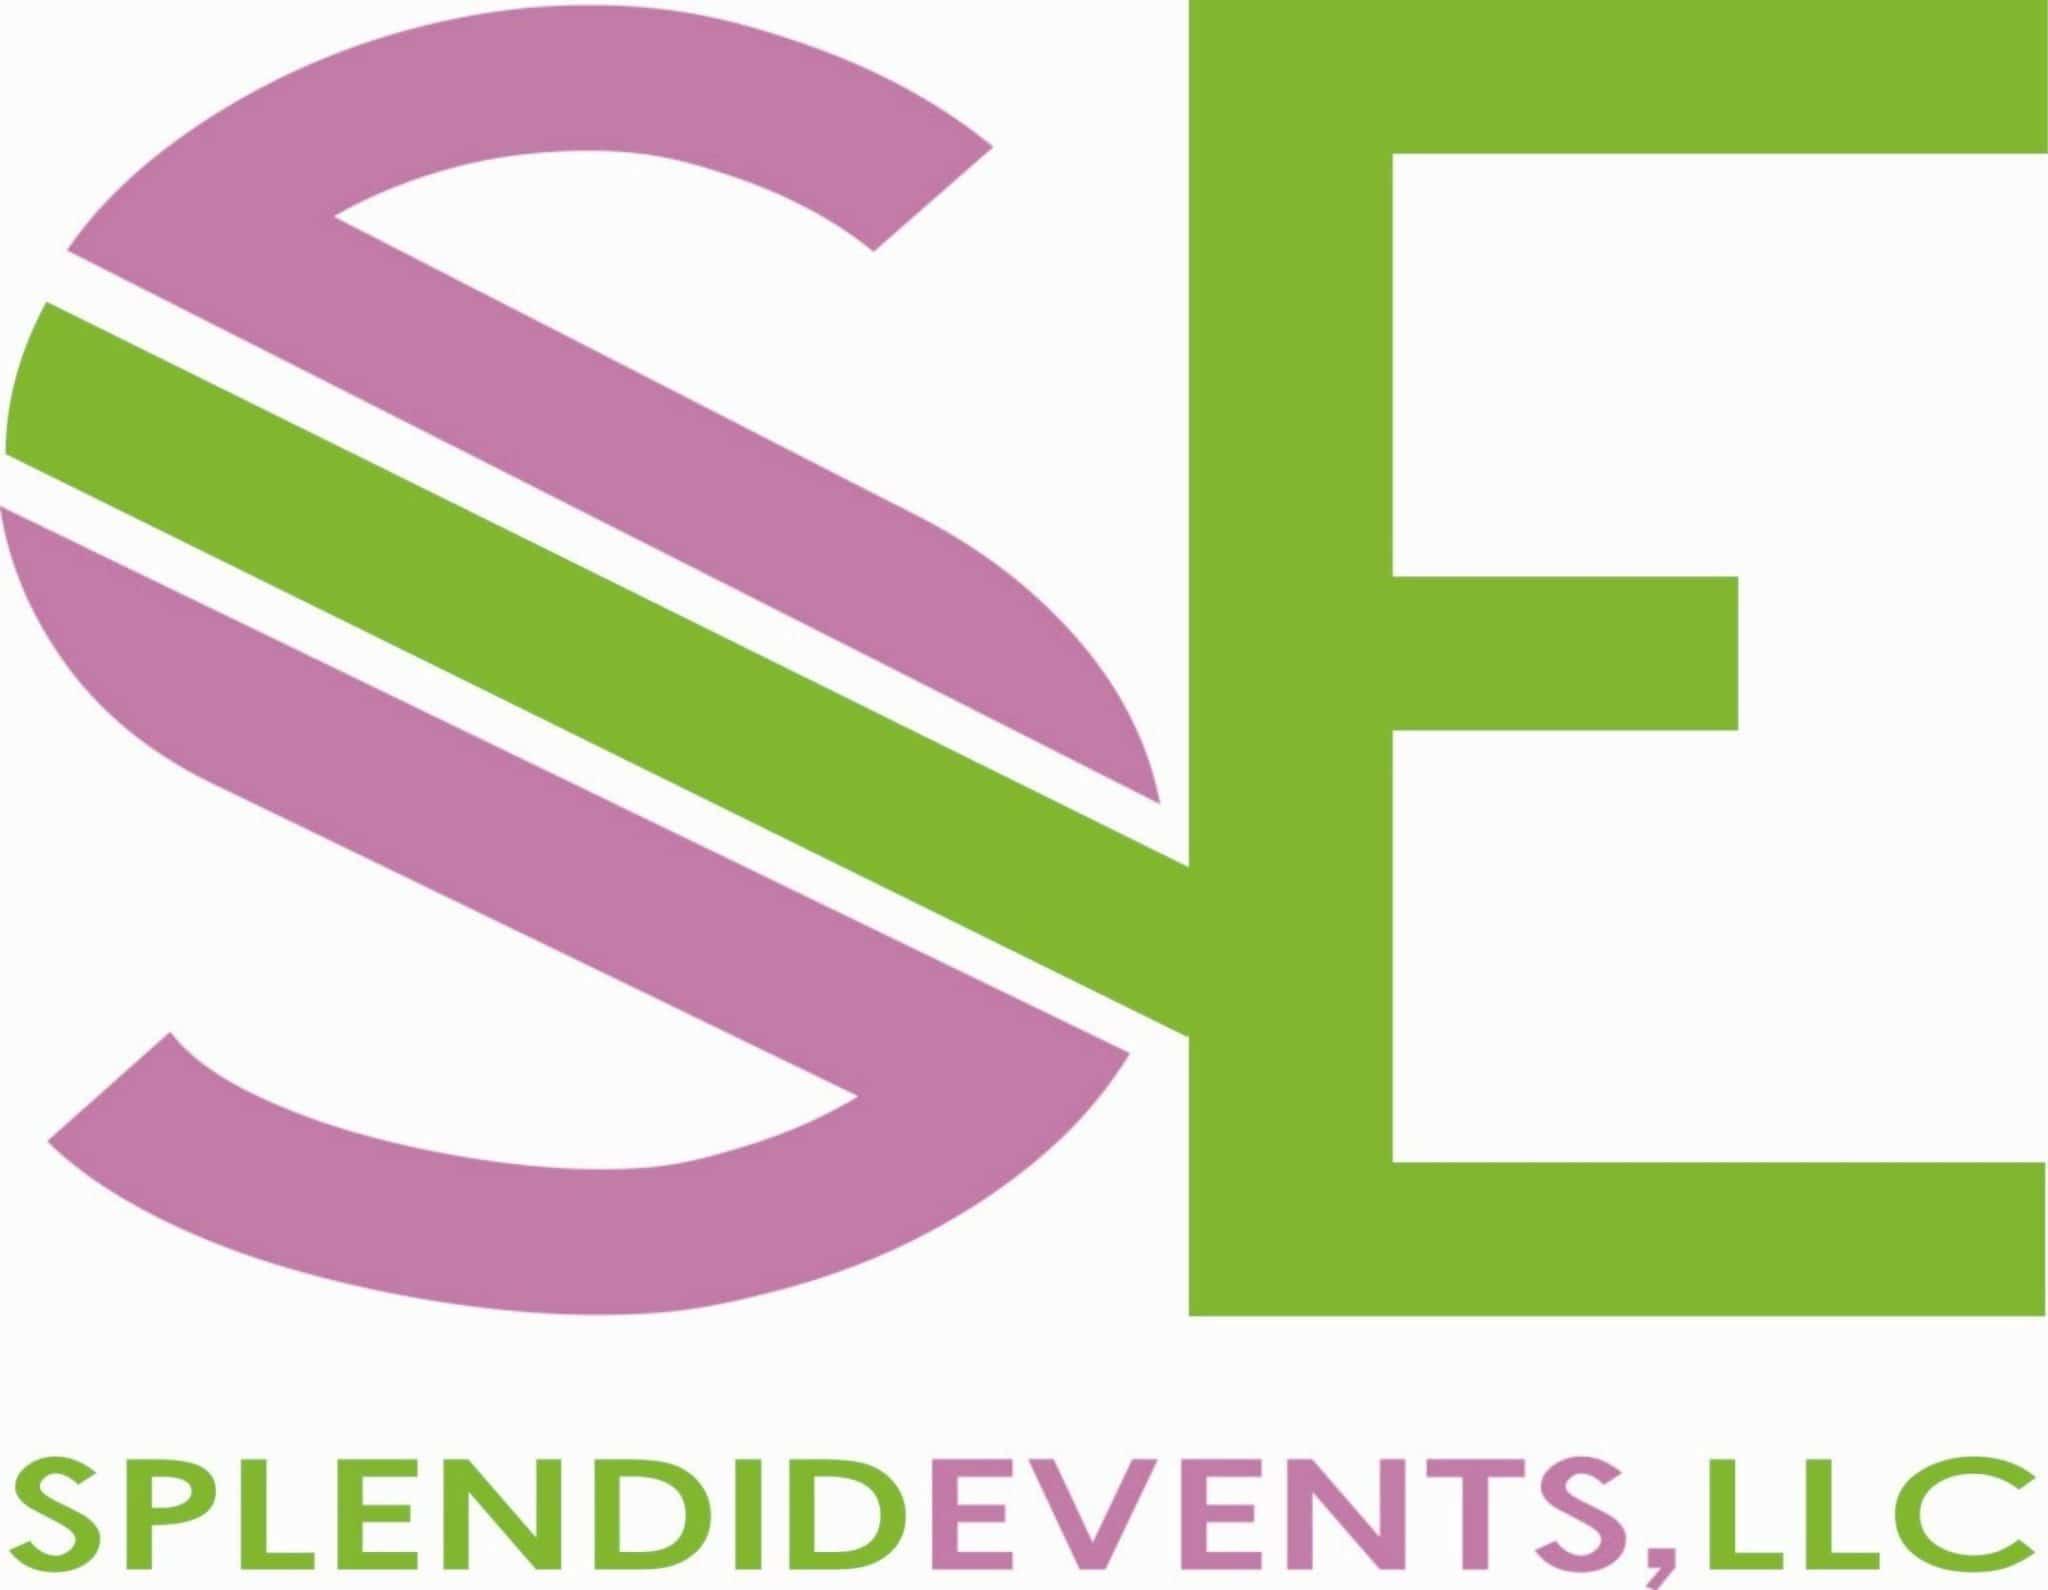 Splendid Events, LLC